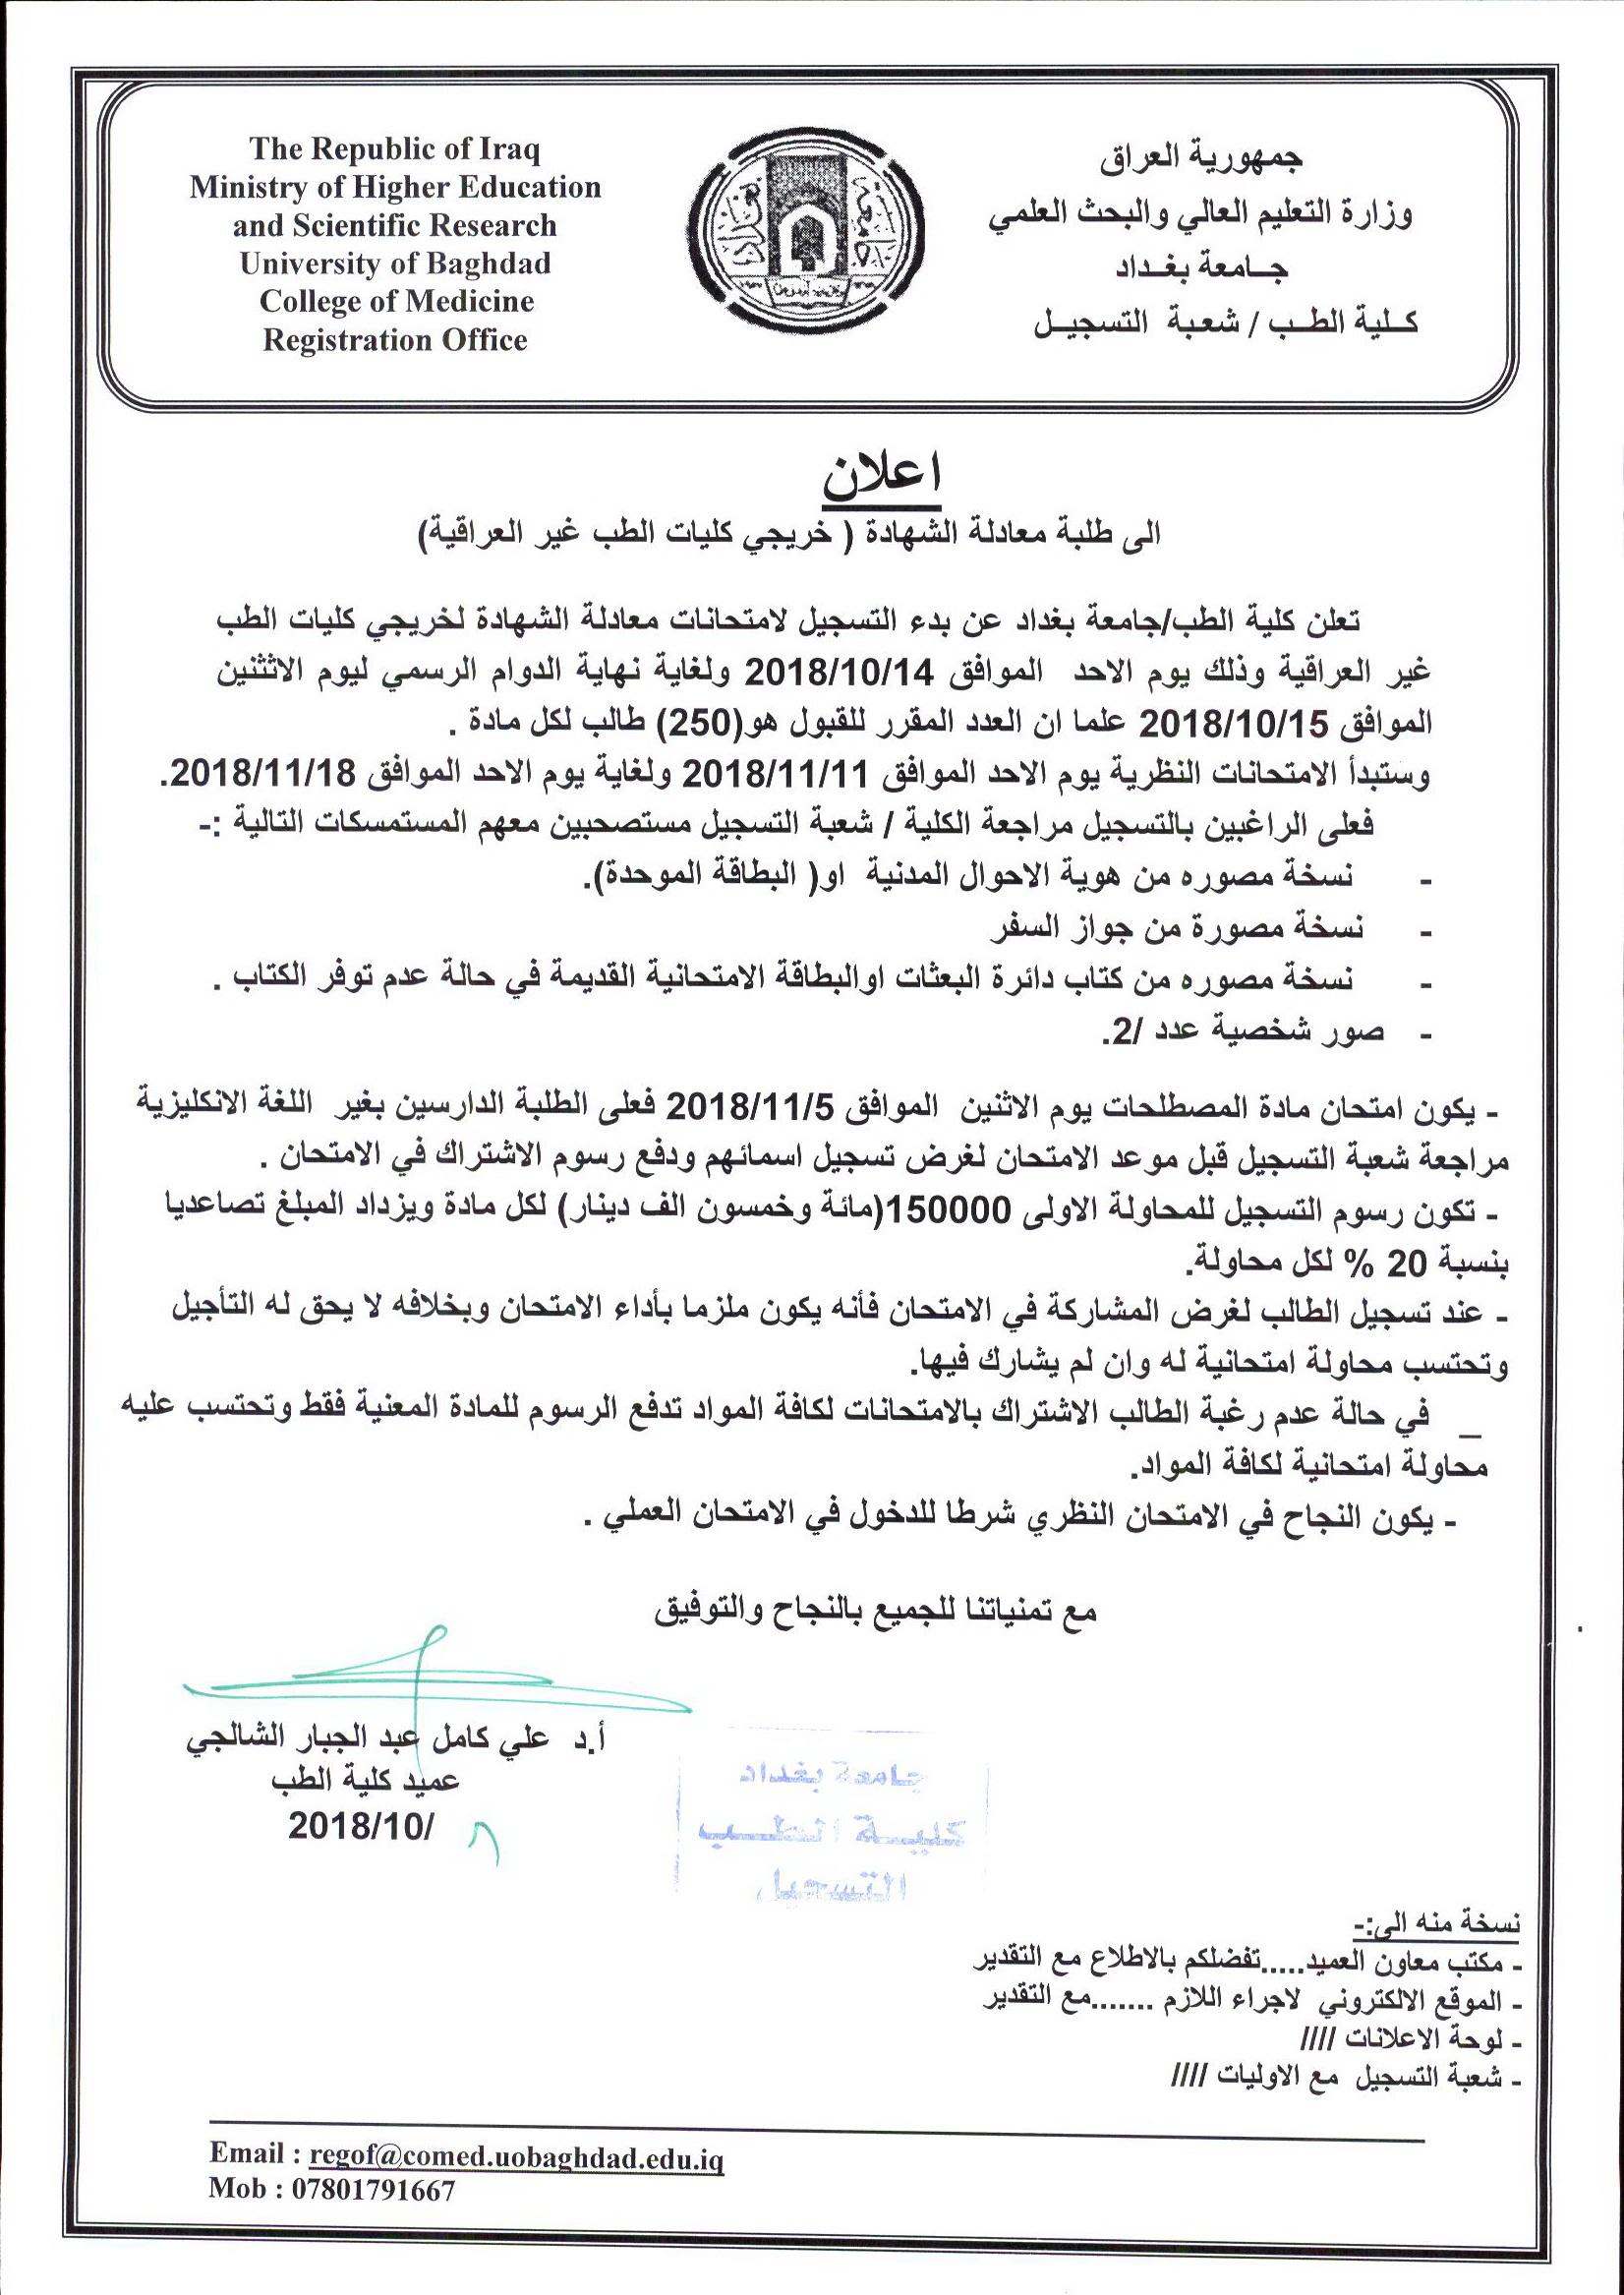 بدء التسجيل لامتحان معادلة الشهادة لخريجي كليات الطب غير العراقية